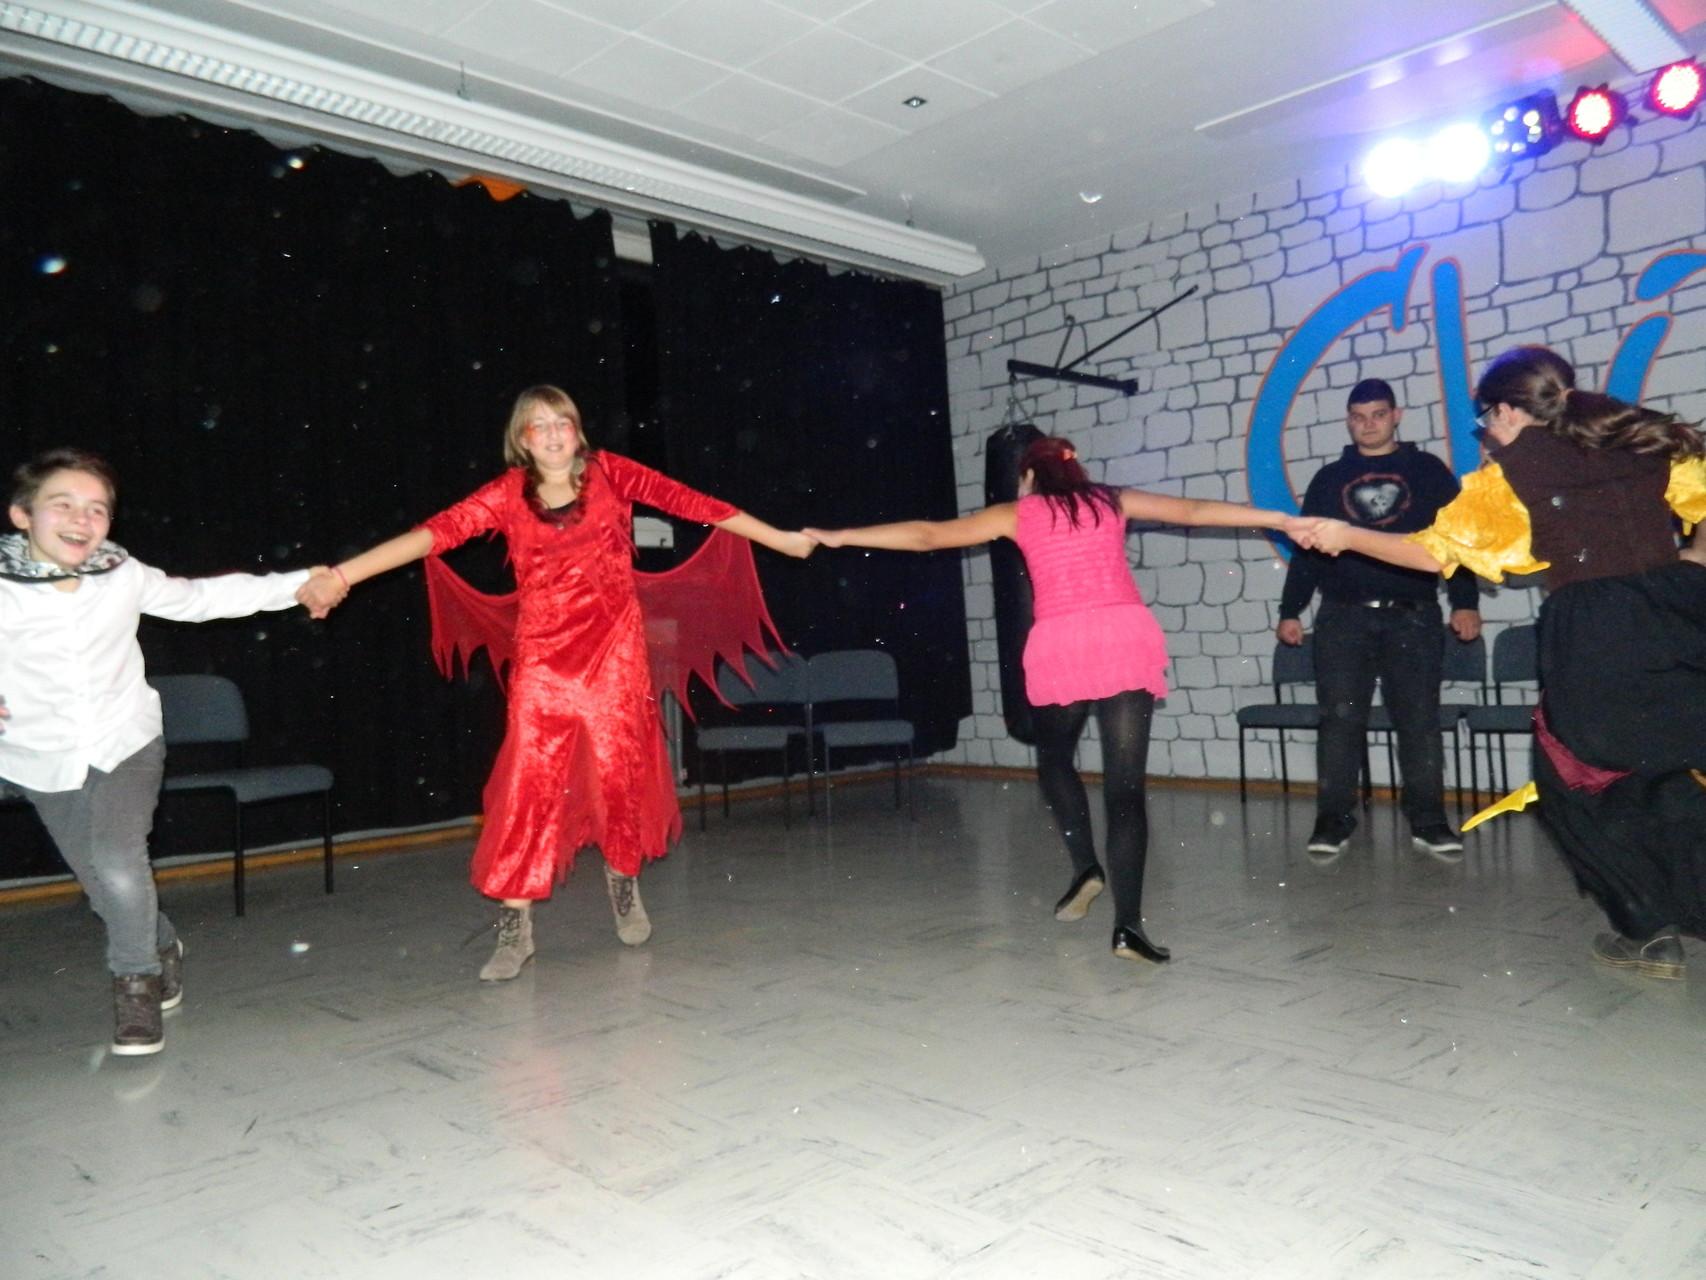 Zusammen tanzen und feiern...:D